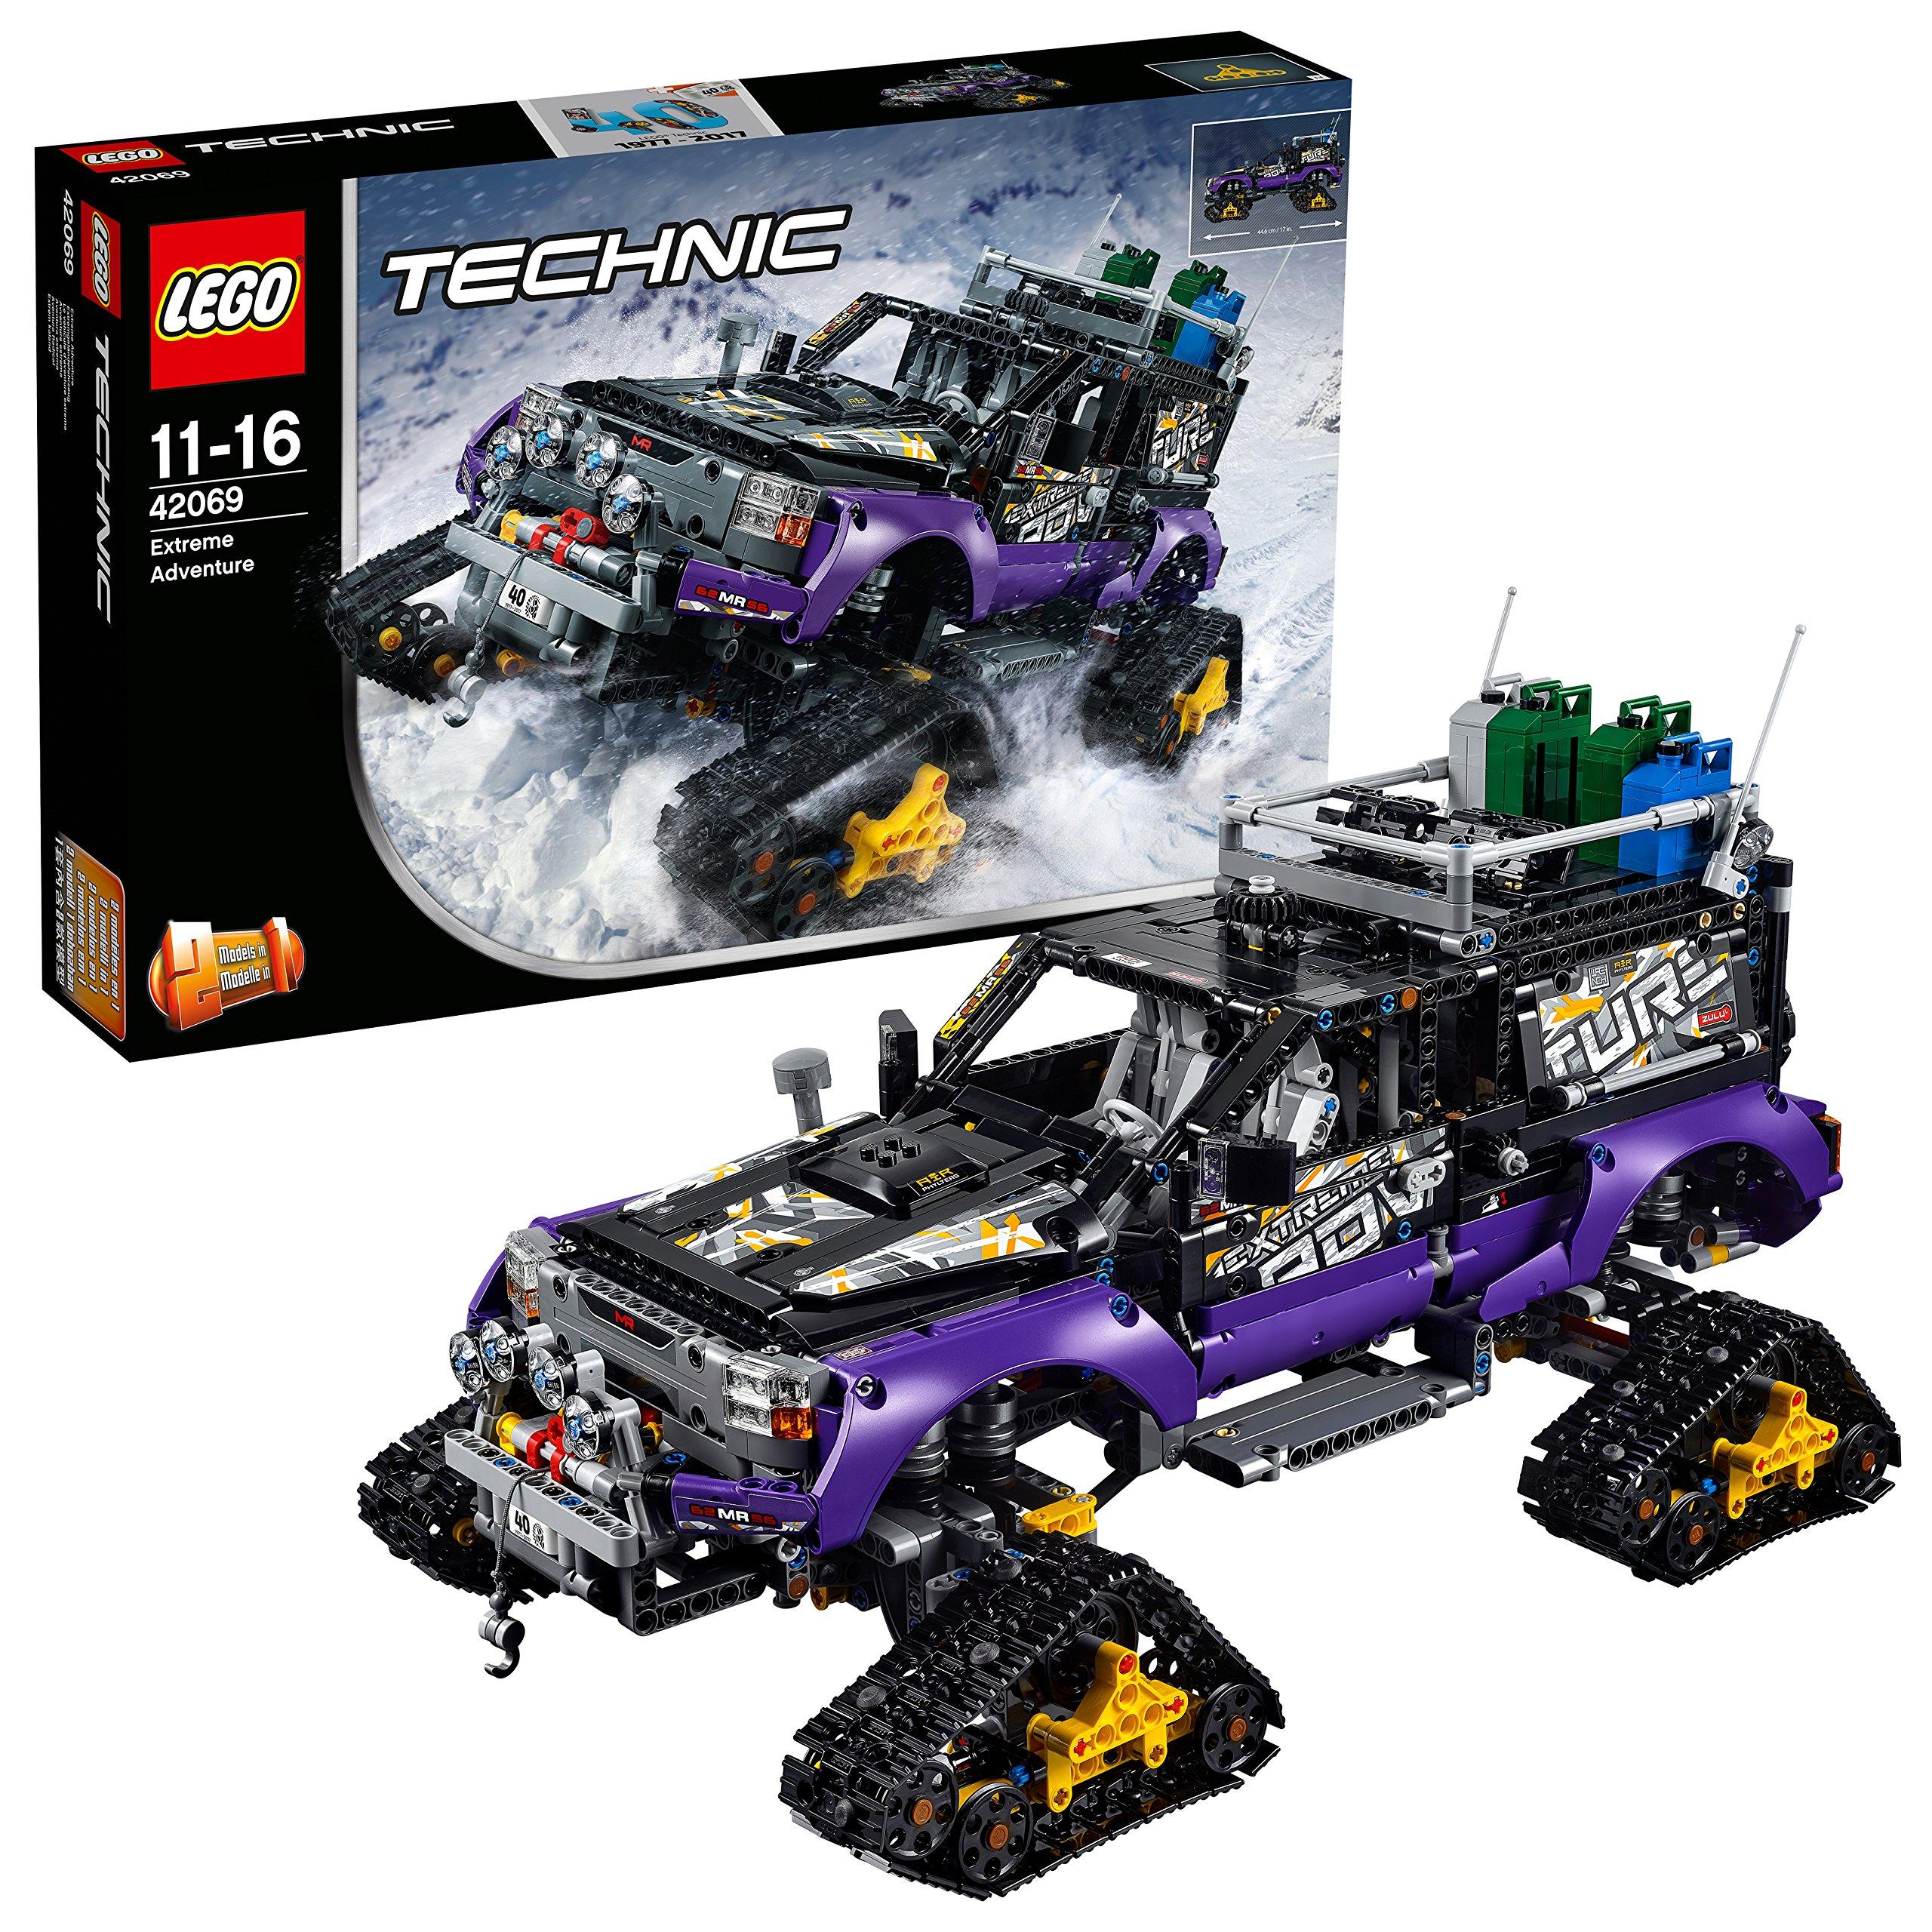 LEGO Technic 42069 – Extremgeländefahrzeug mit vier Laufketten